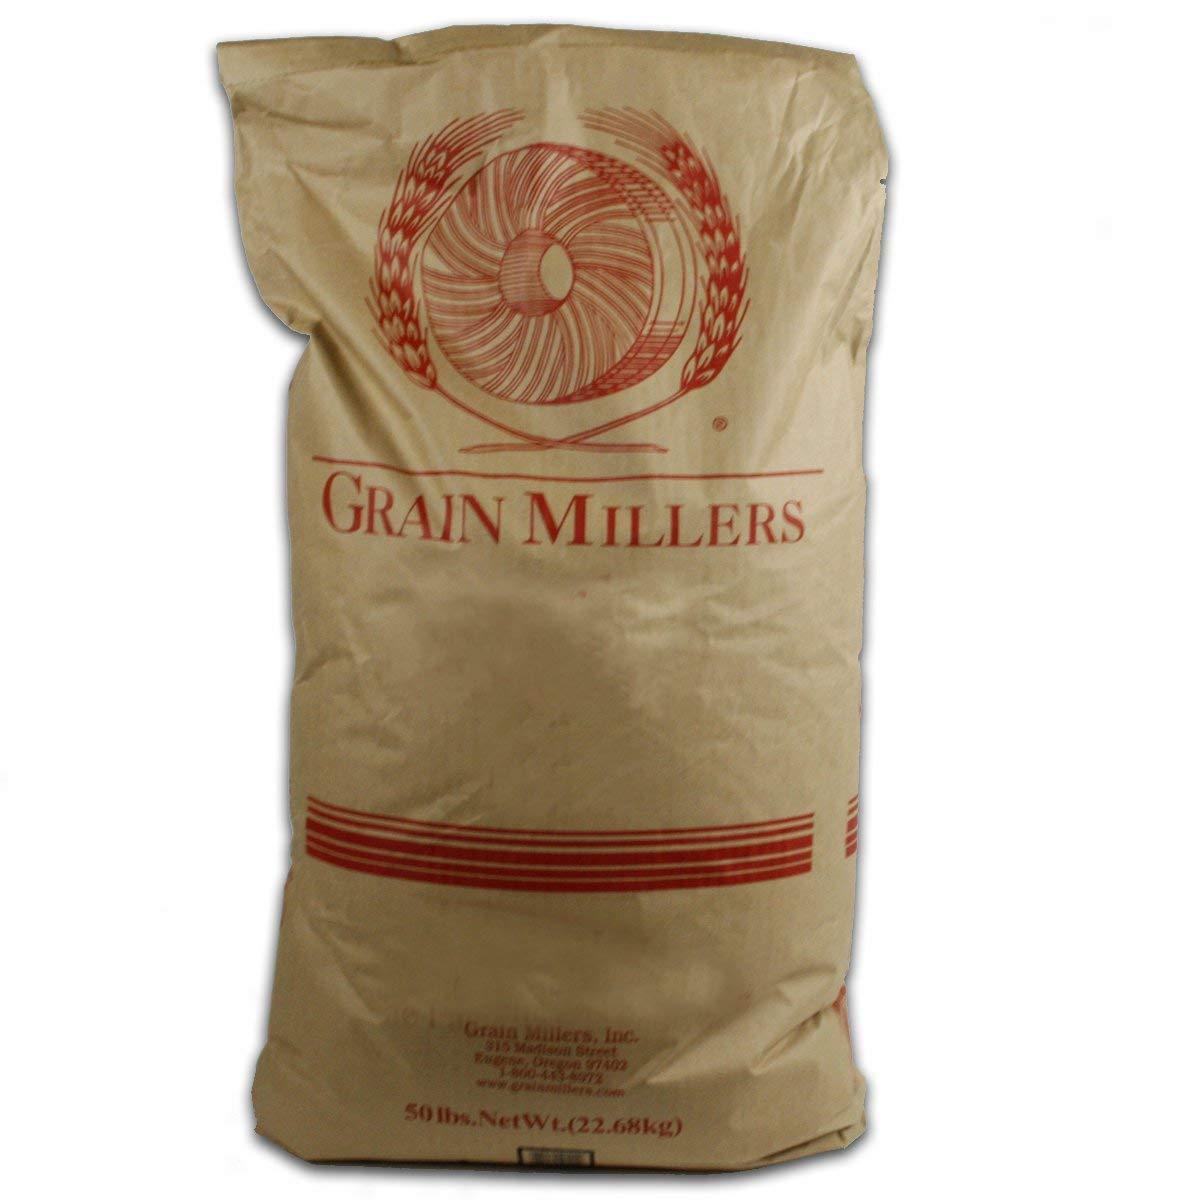 Grain Millers Oat Flour - 50 lb Bag